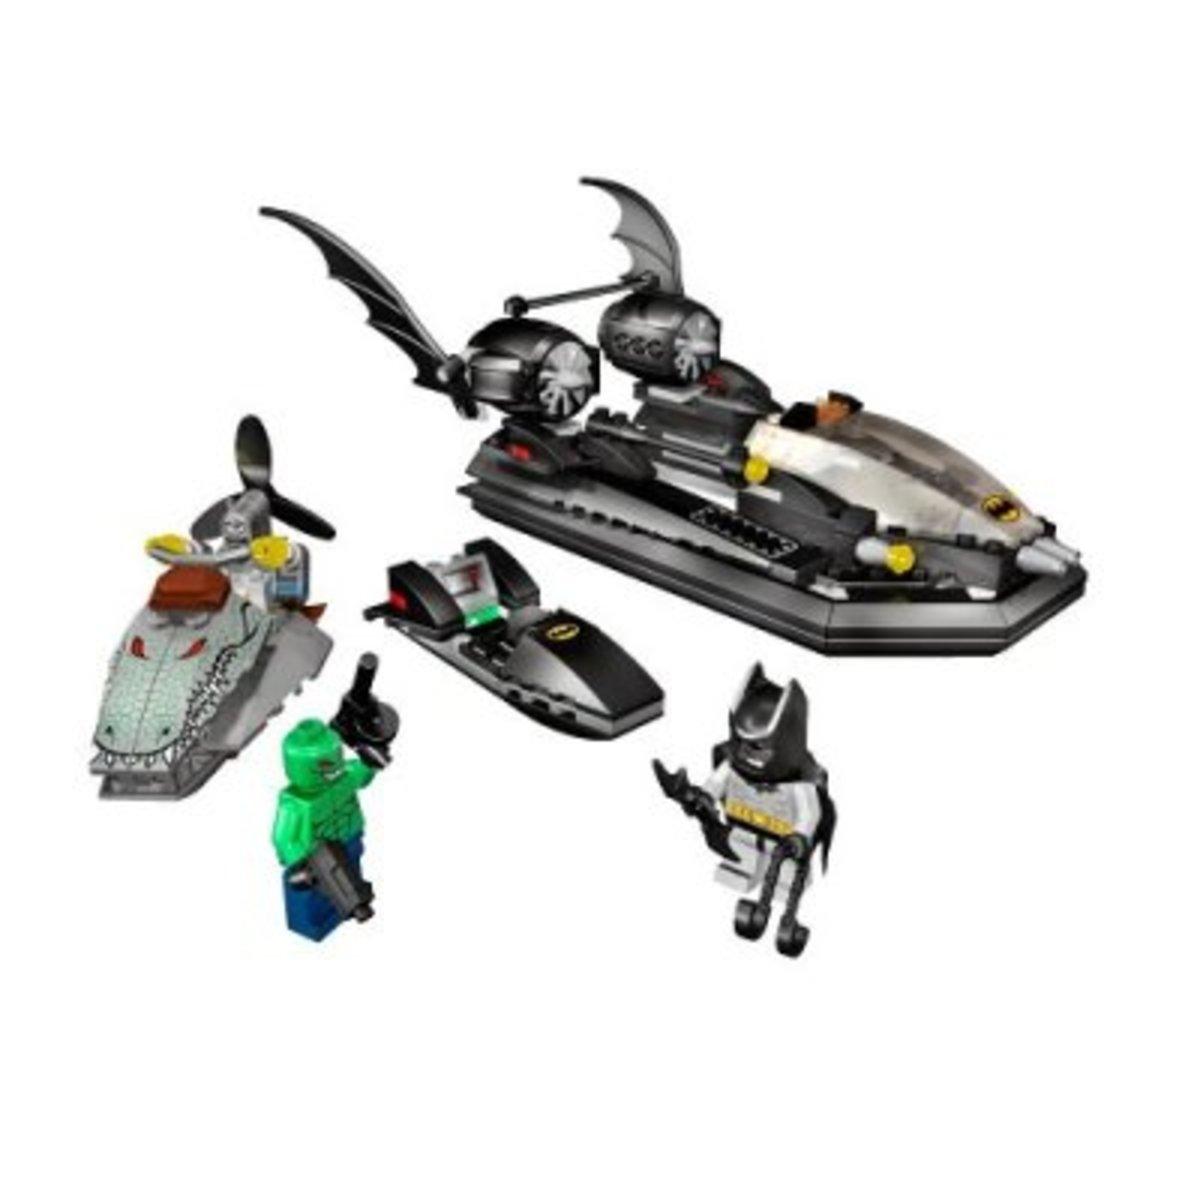 LEGO Batman The Batboat Hunt For Killer Croc 7780 Assembled